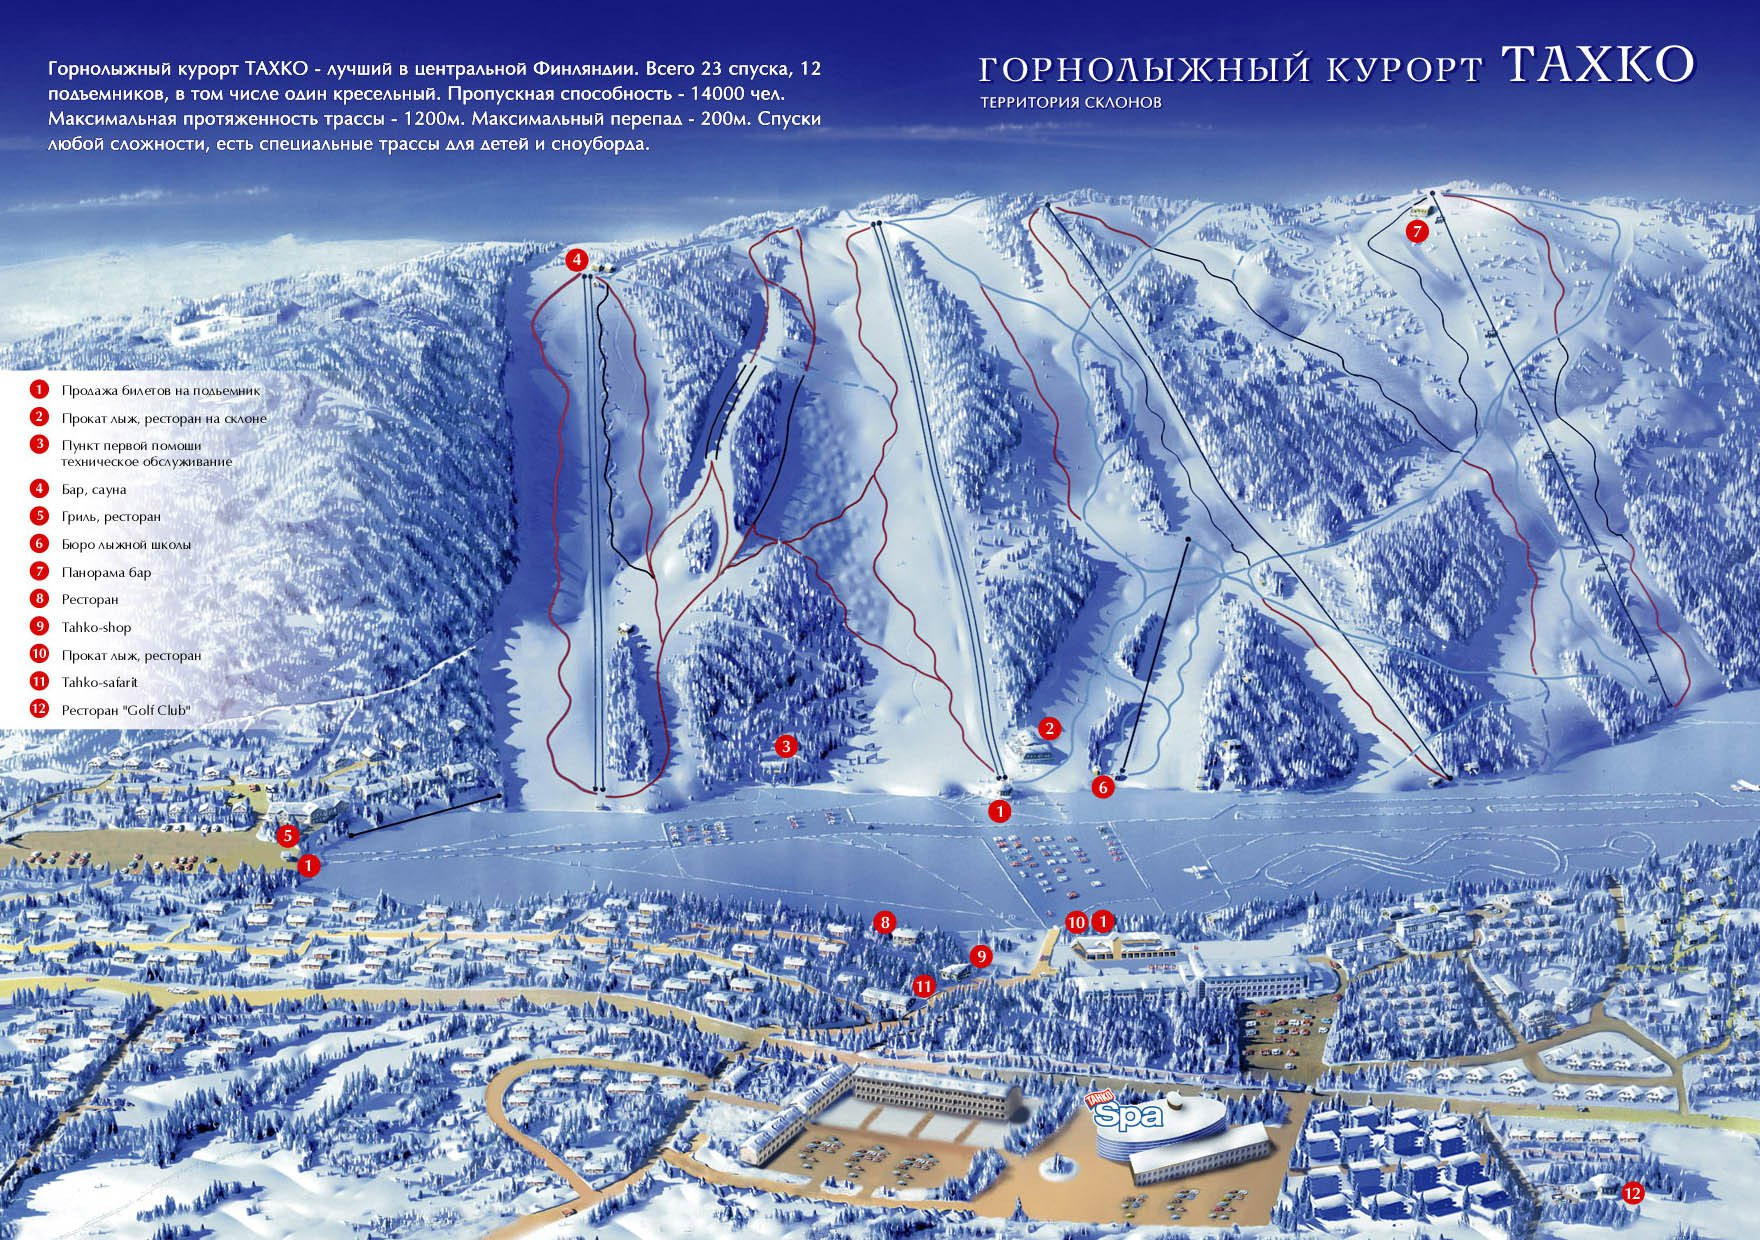 Равнинное катание: проложенных трасс (км) - 65 освещенных трасс (км) - 11 Горные лыжи.